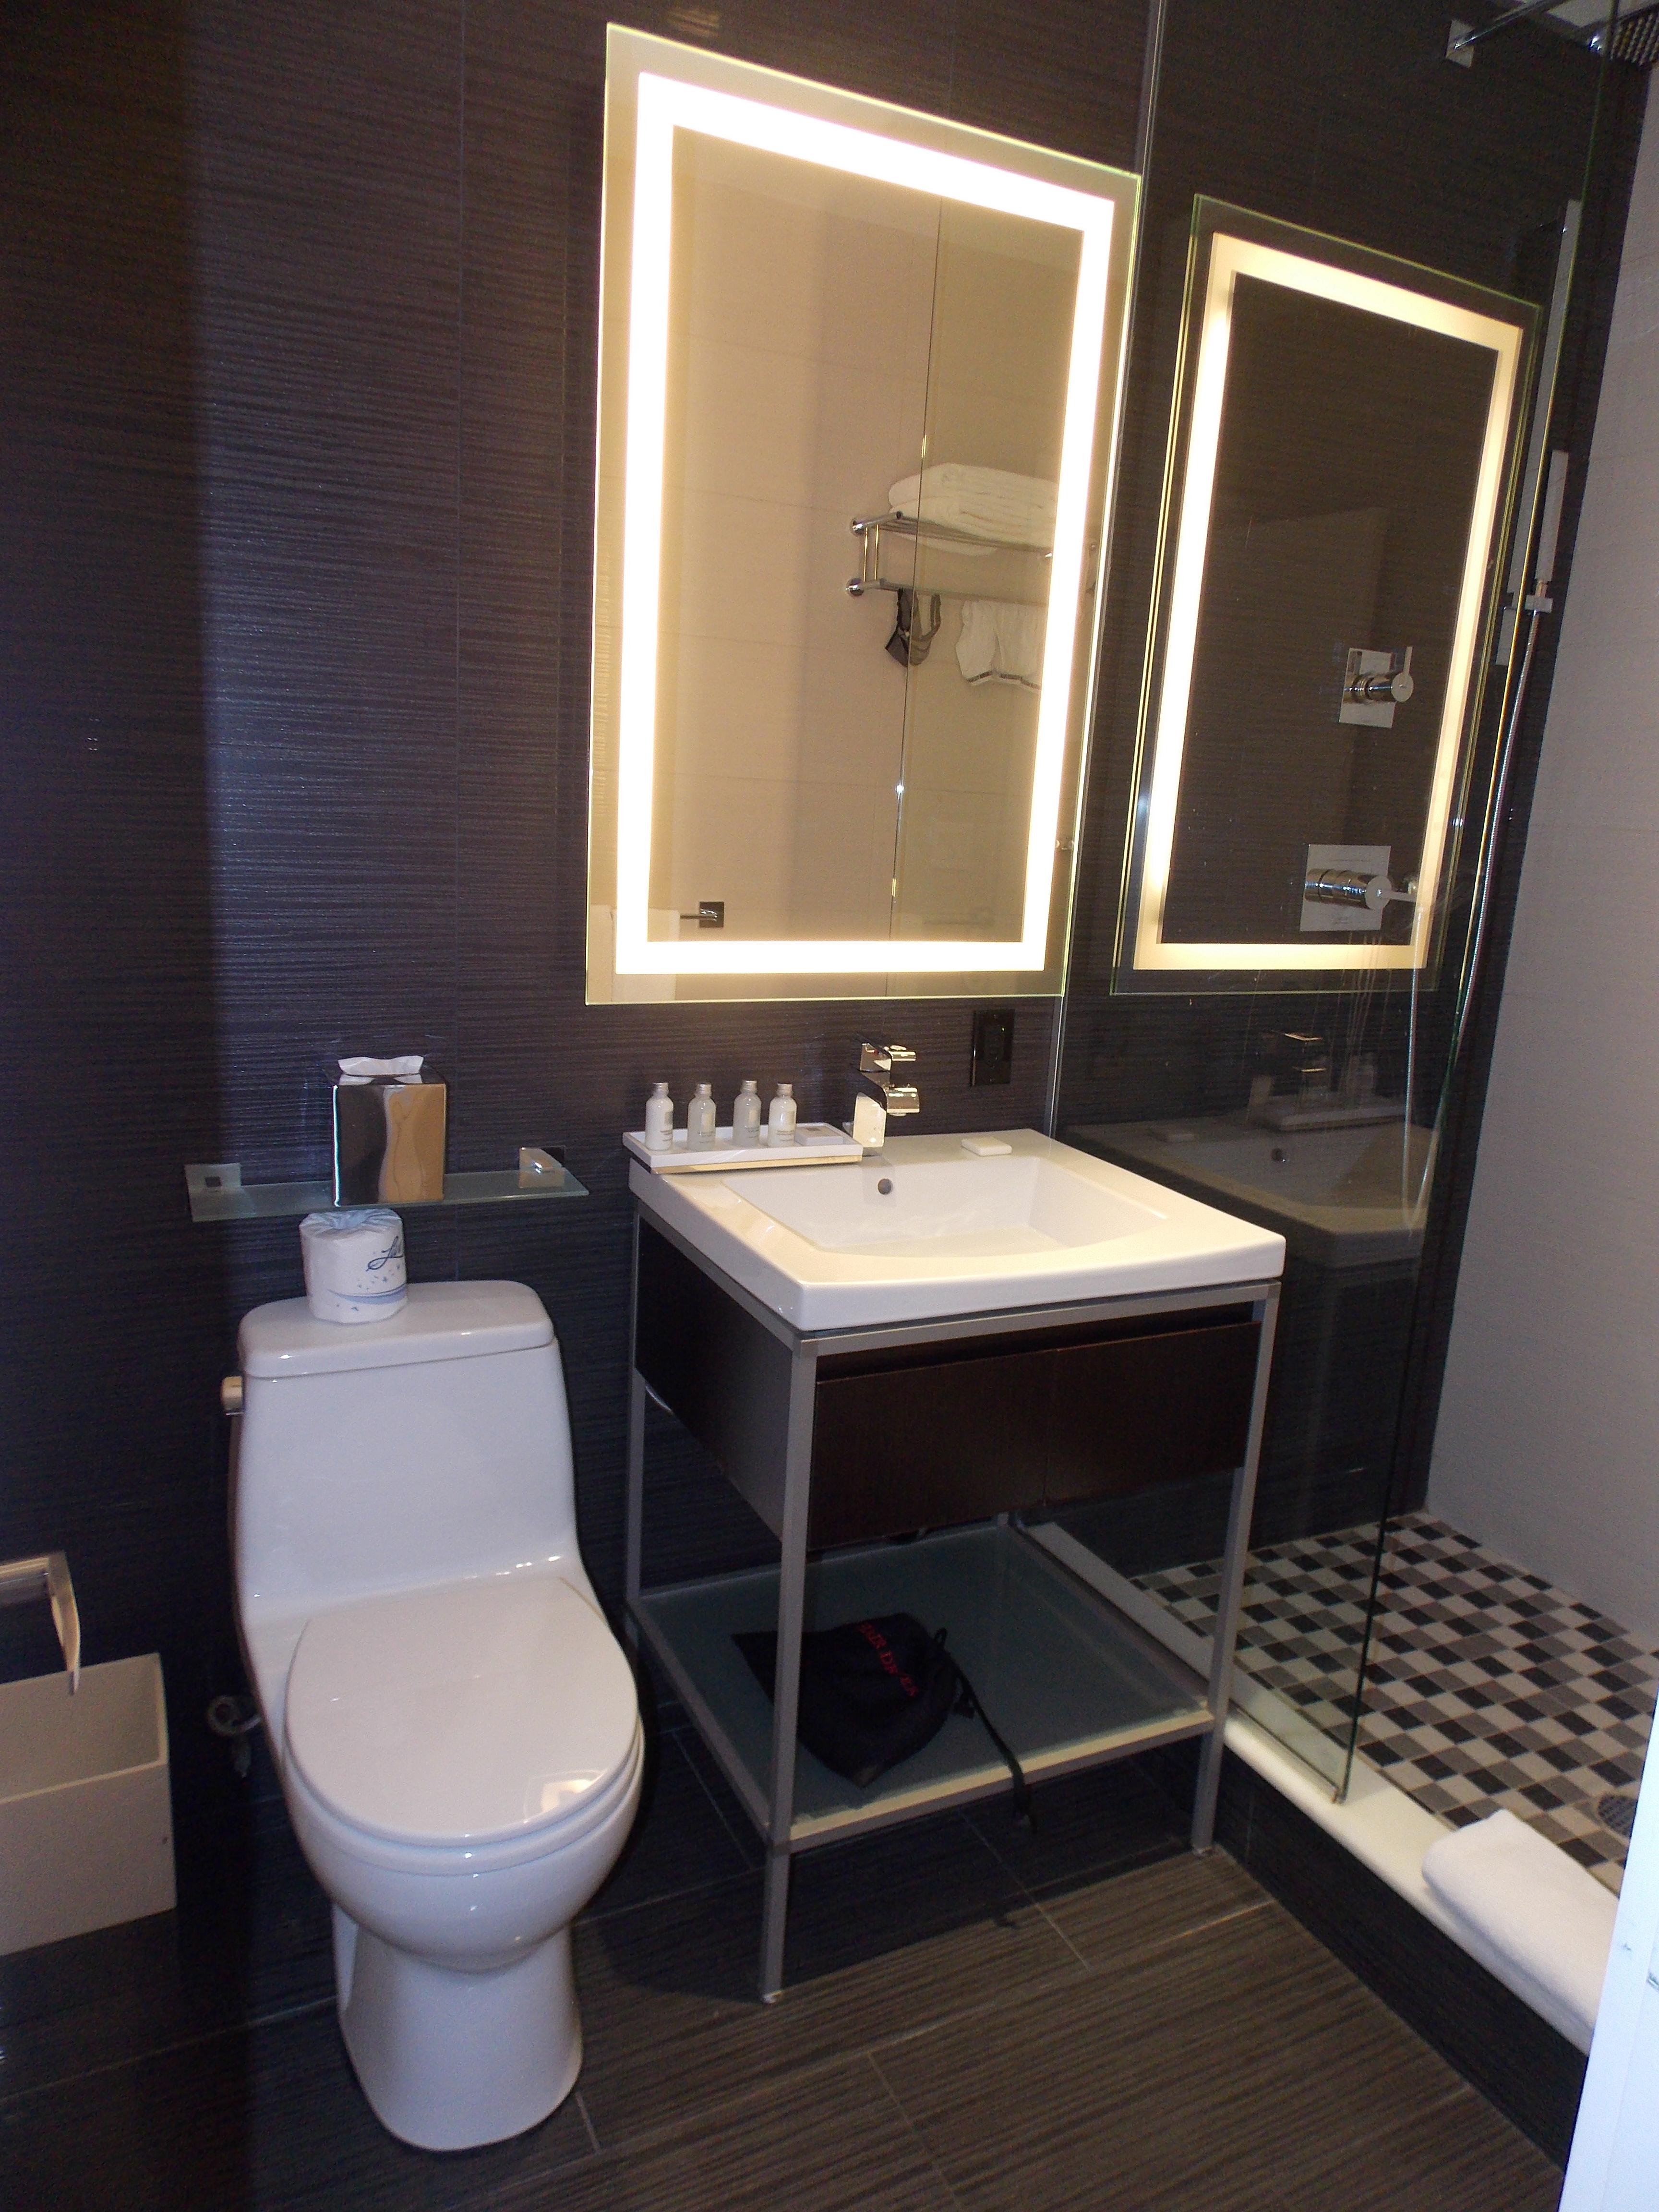 Hotel em NY A CASA DAS GURIAS #936E38 3456 4608